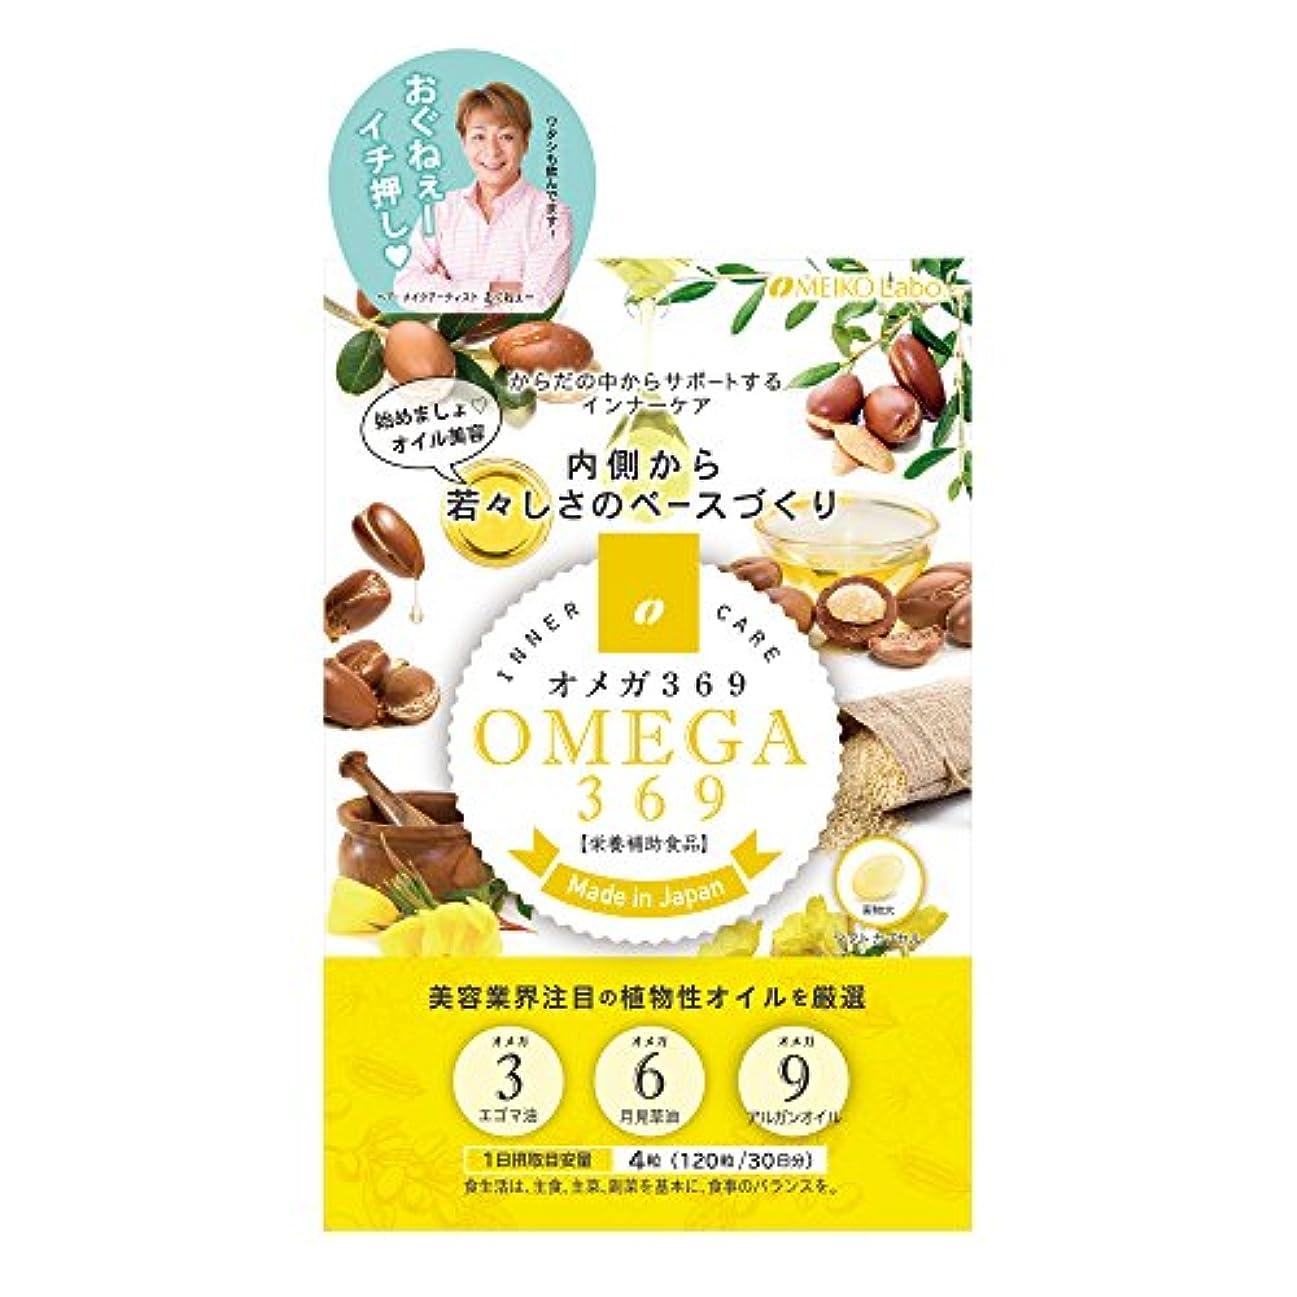 ブースうがい薬あからさまオメガ3 6 9 30日分 120粒 サプリメント ( 栄養補助食品 日本製 ) 【 メイコーラボ 】